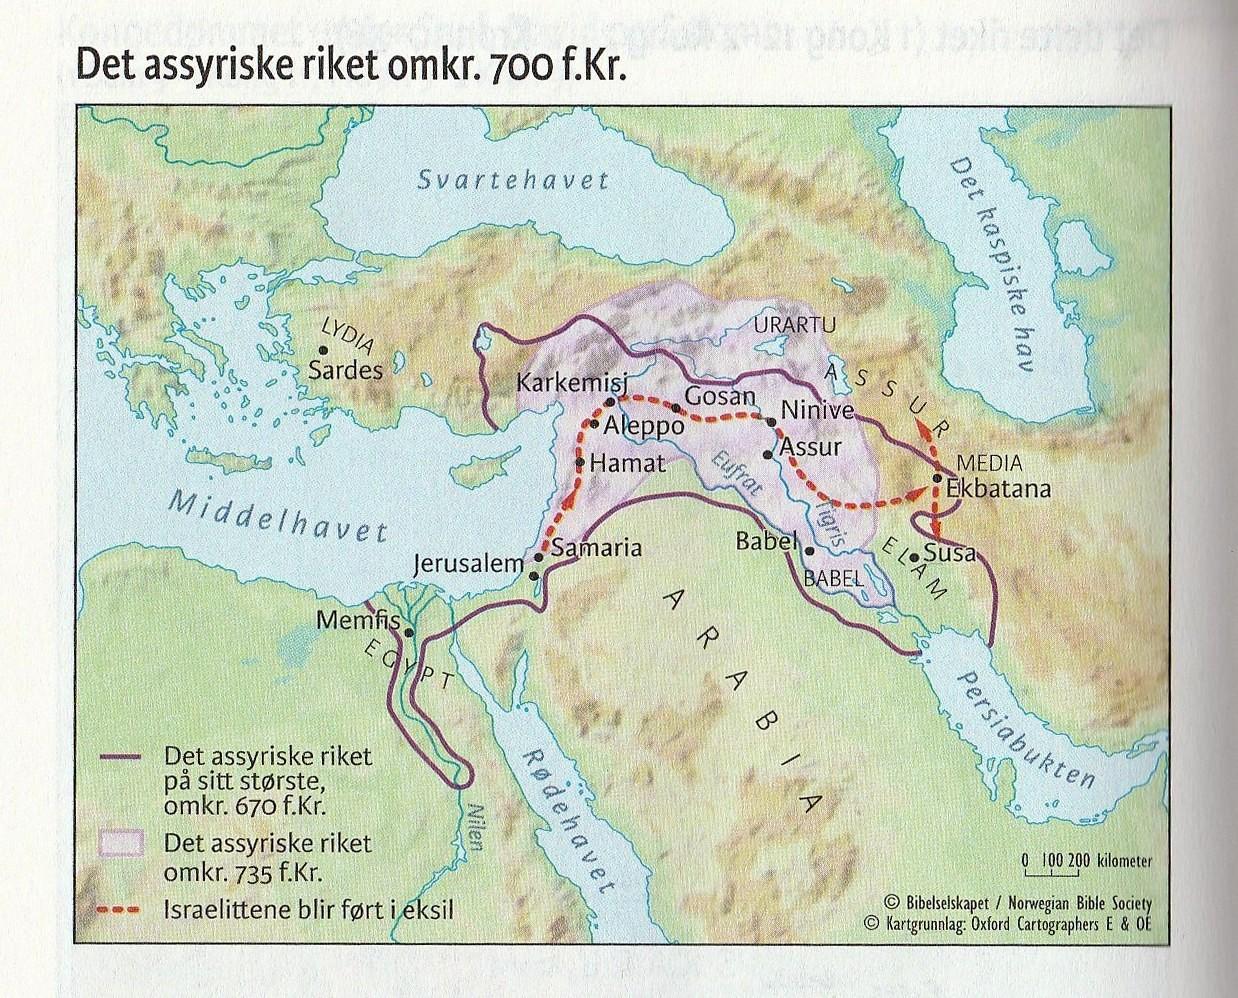 Det assyriske riket omkr. 700 f.Kr.